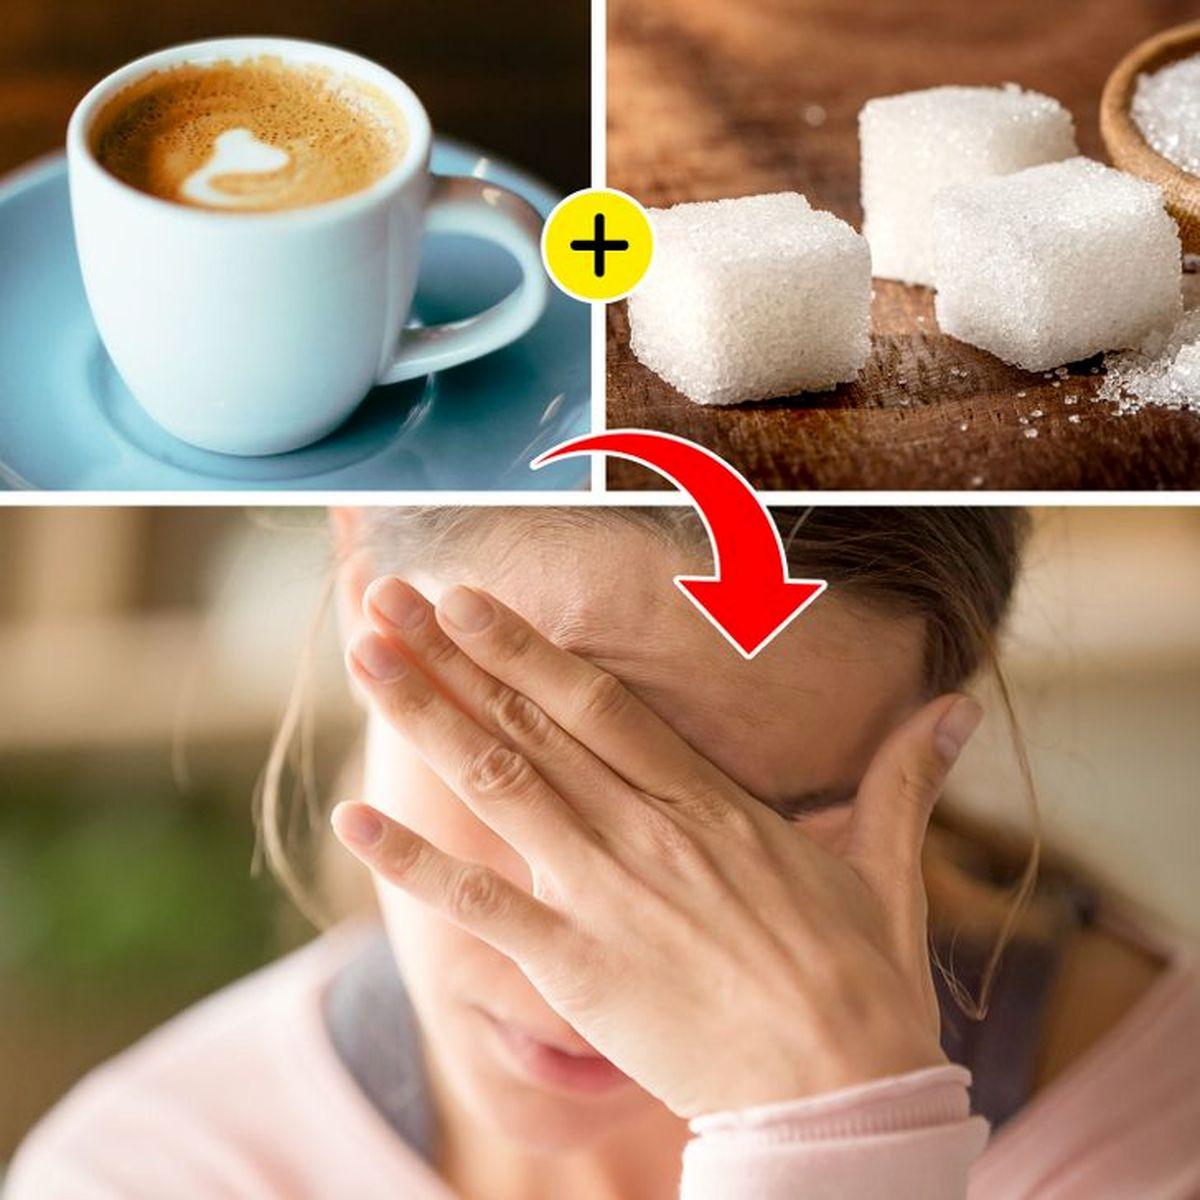 تبعات خوردن قهوه با معده خالی